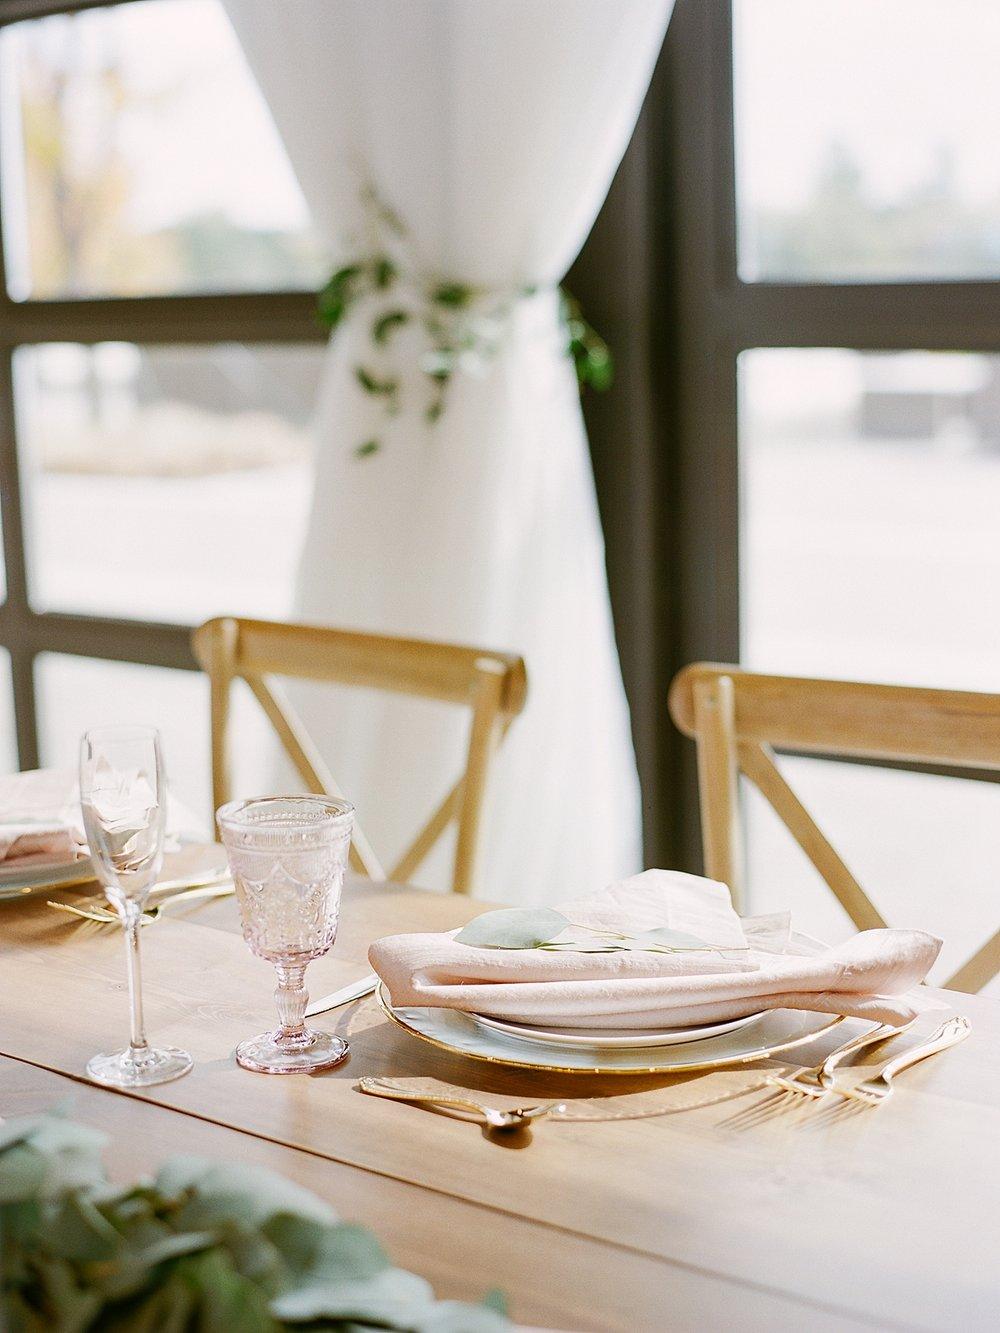 Ira and Lucy Wedding Planner, Boise Wedding Planner, Boise Photography, Brie Thomason Photography, Willowbridge Wedding